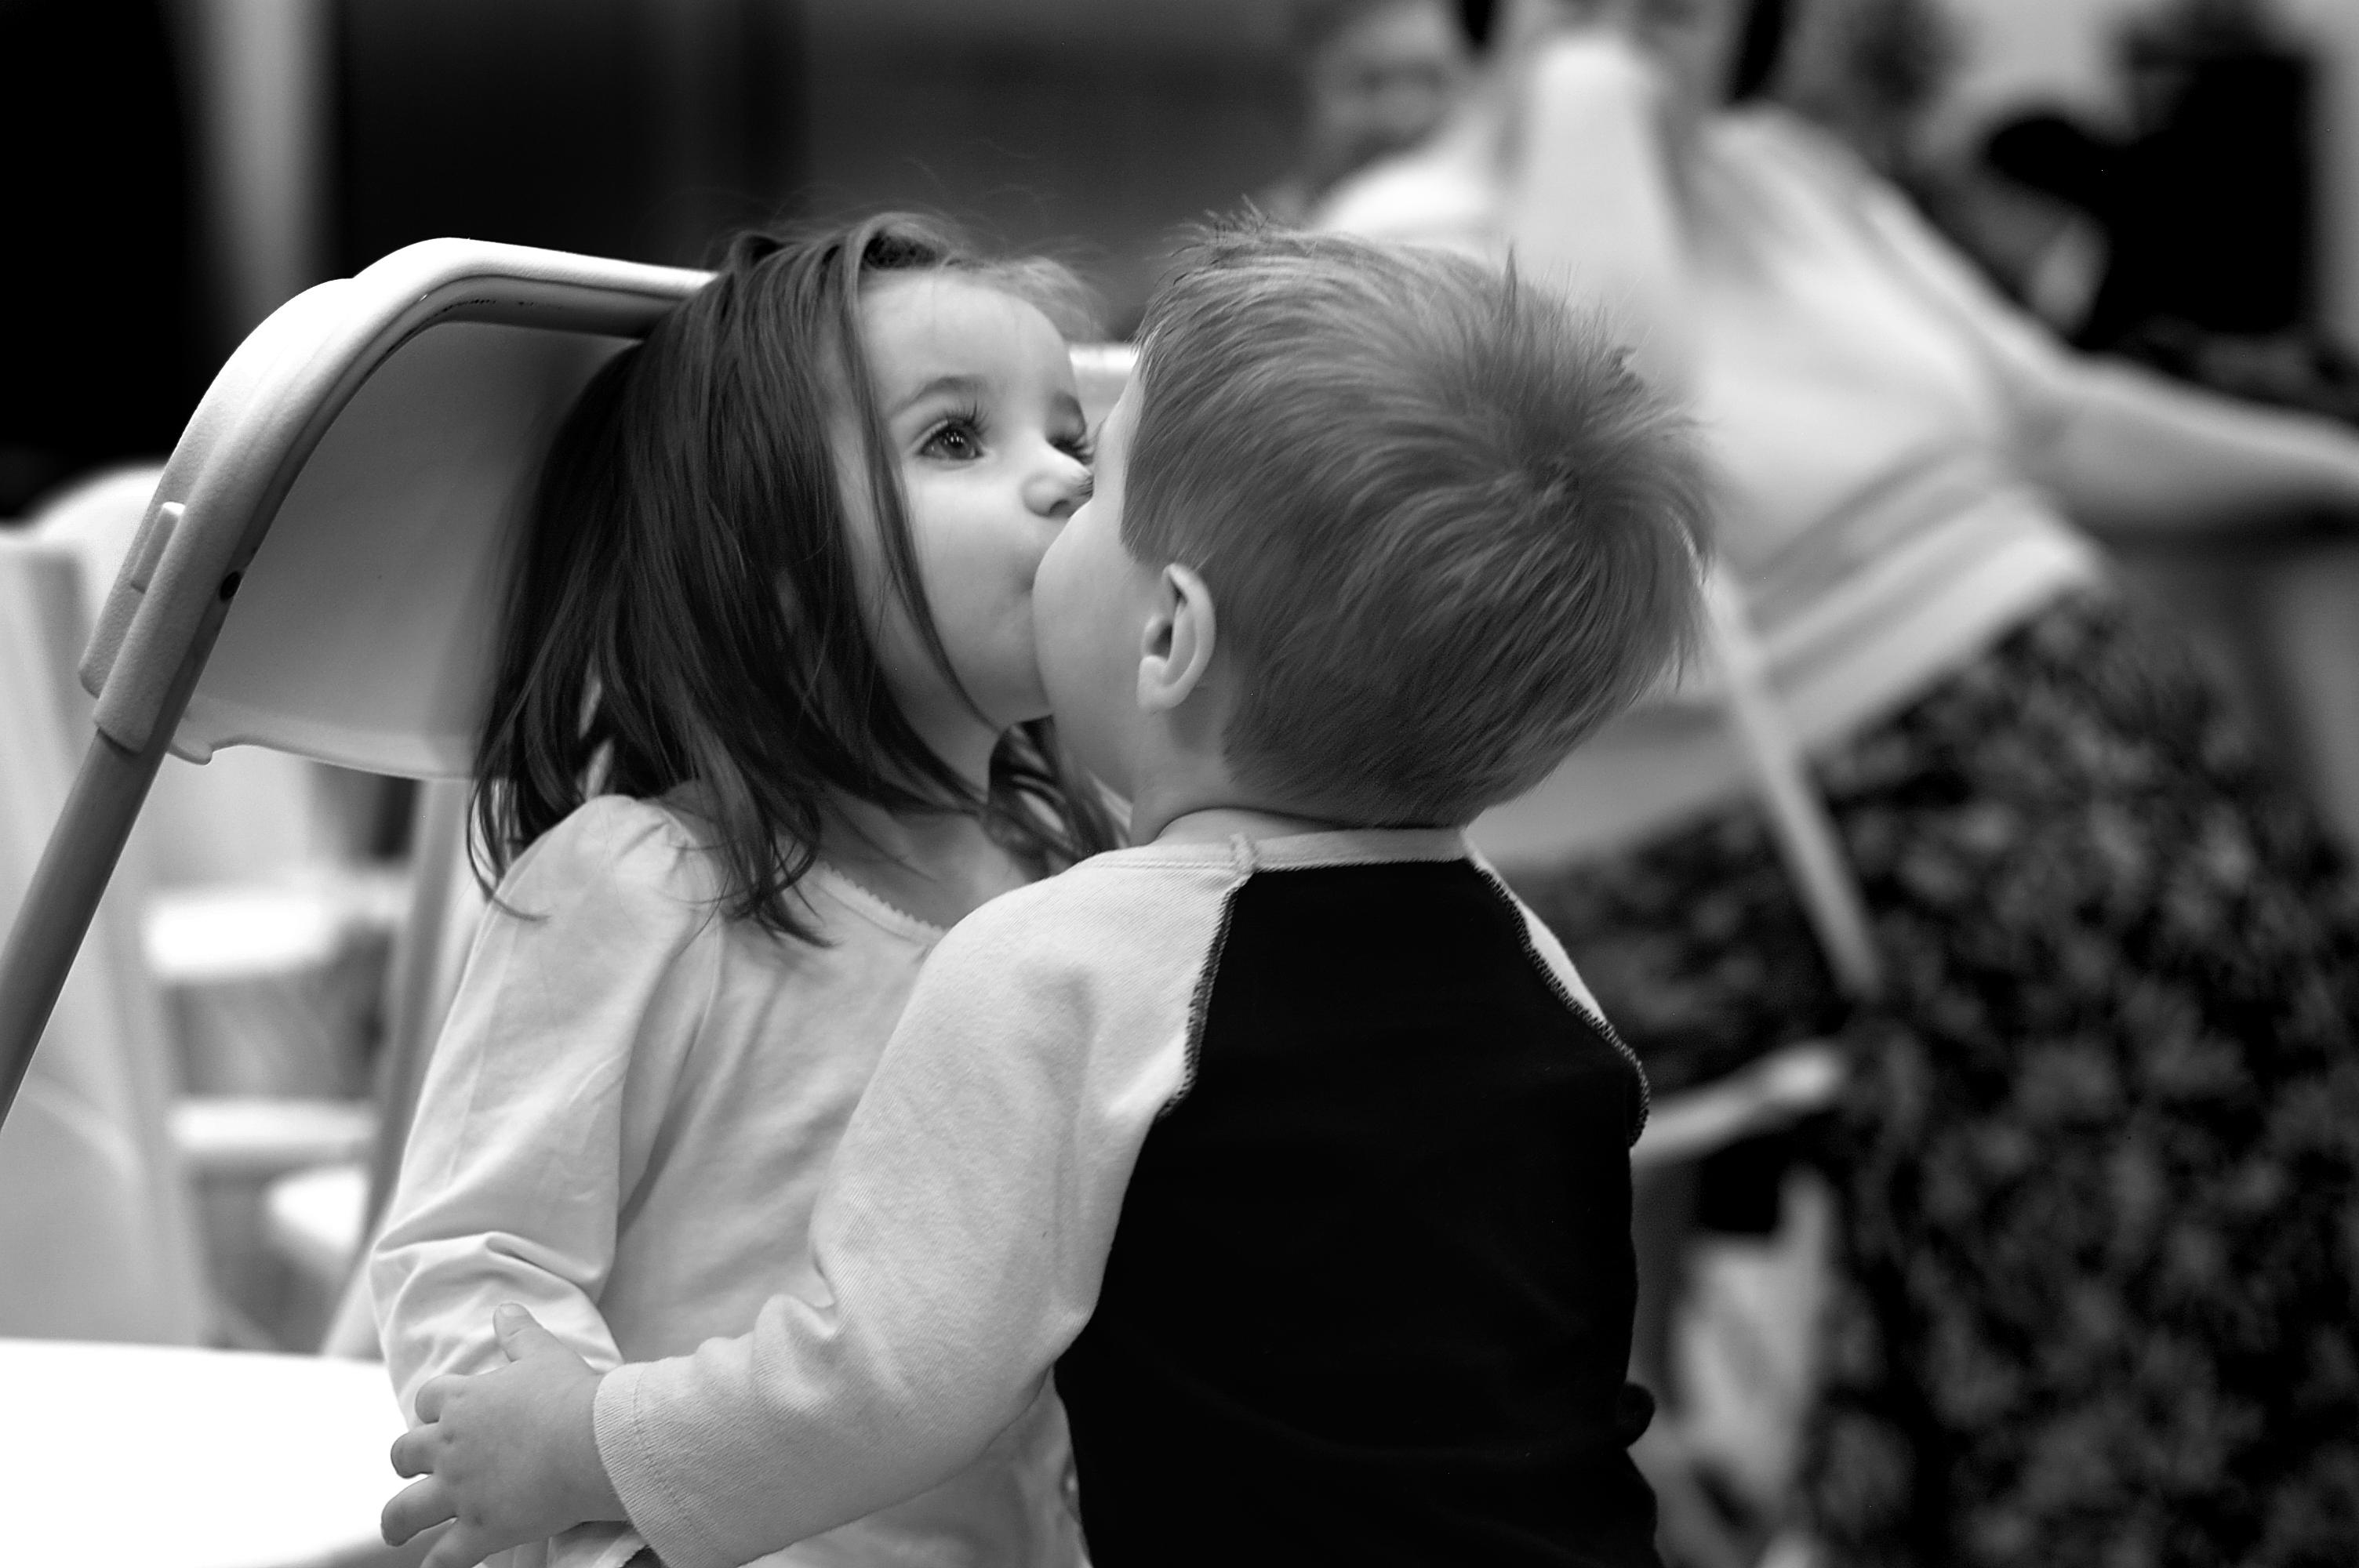 108586 baixar papel de parede Amor, Humores, Humor, Crianças, Menina, Garota, Garoto, Menino, Beijo, Beijar, Preto E Branco, Preto-E-Branco - protetores de tela e imagens gratuitamente